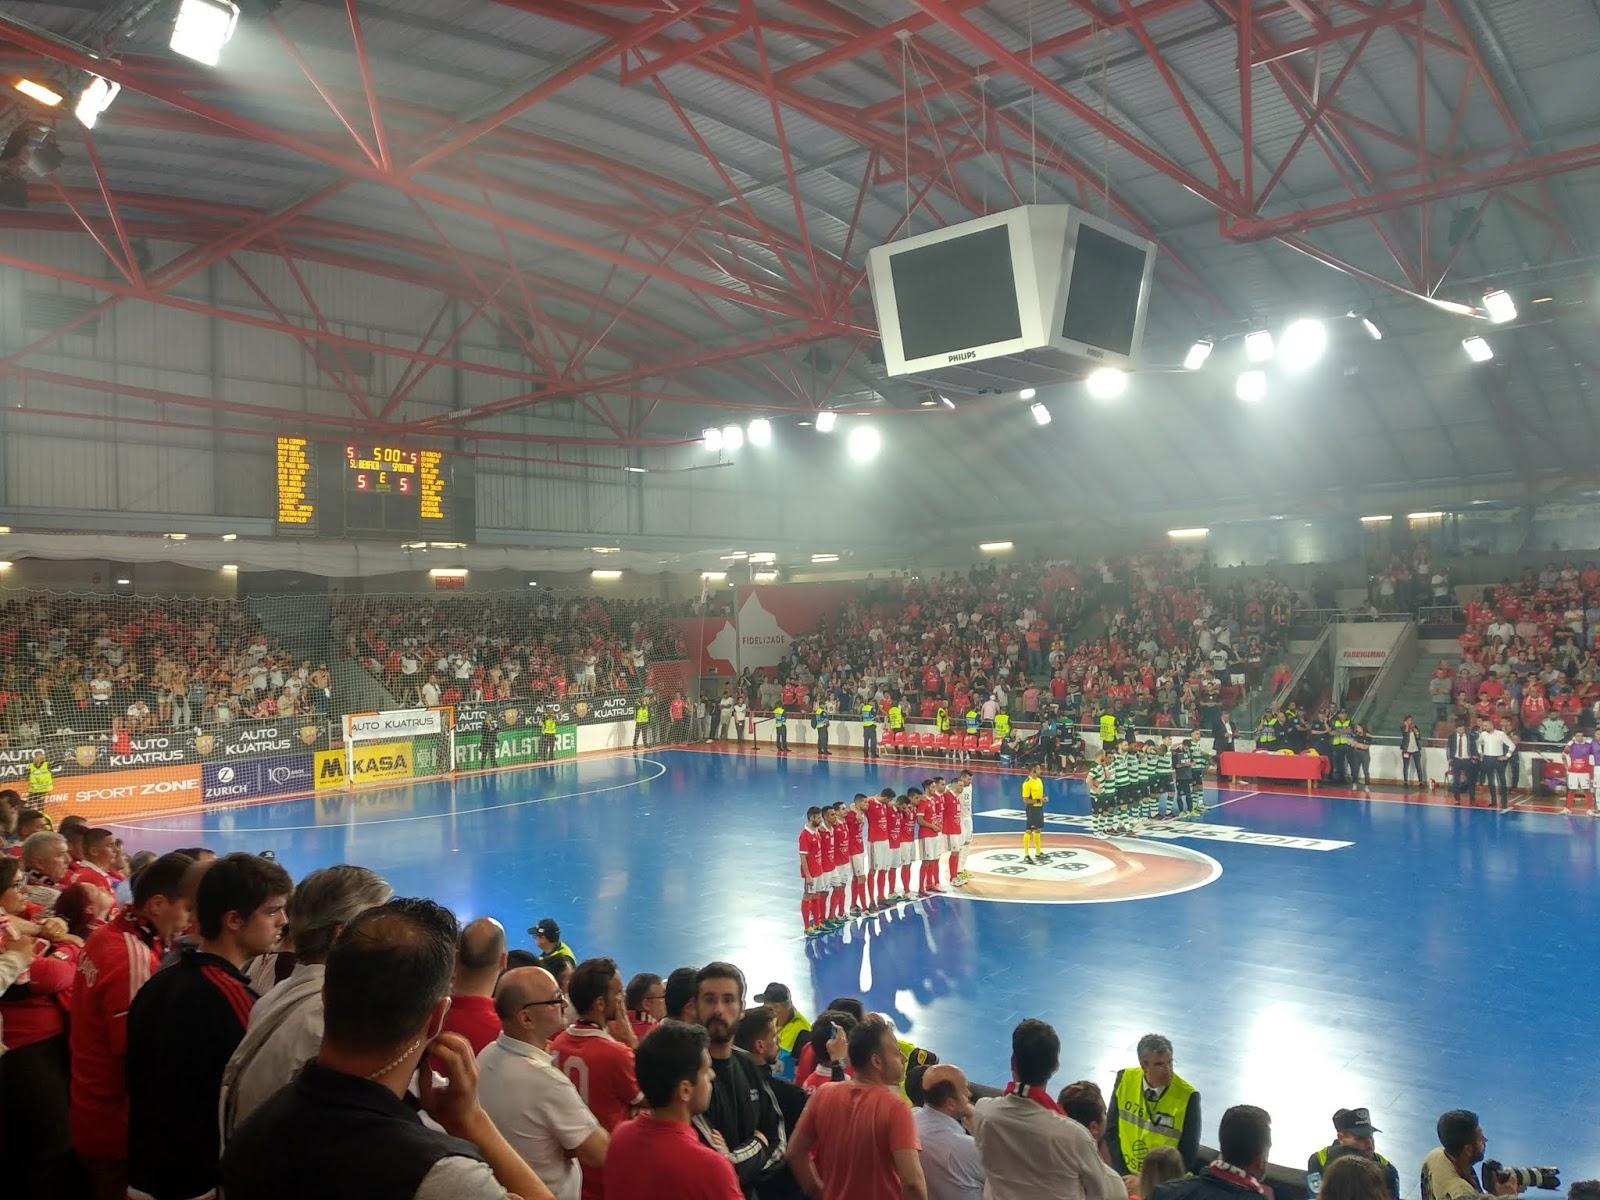 Benfica sucumbe nas grandes penalidades - Eu Sou do Benfica! 1d98008d1eebe